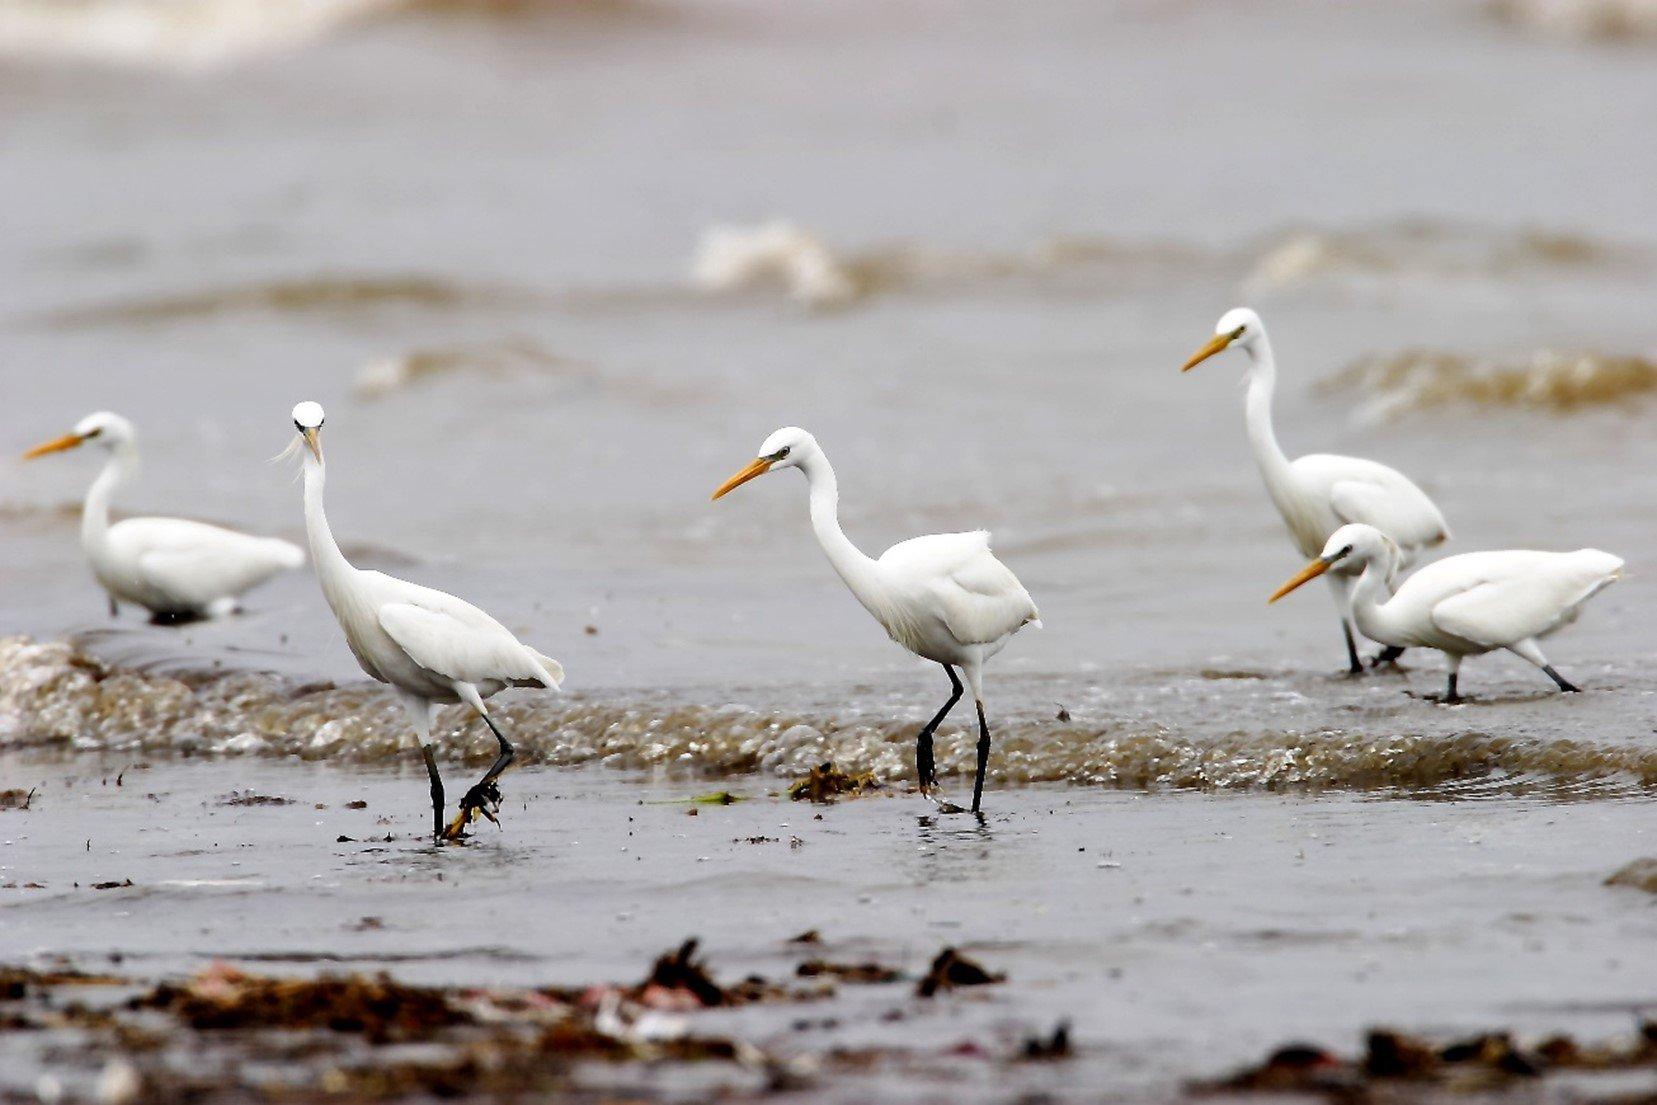 一級保護類唐白鷺是許厝港濕地的明星物種,全球只剩下三千隻(桃園市野鳥學會蔡木寬提供)